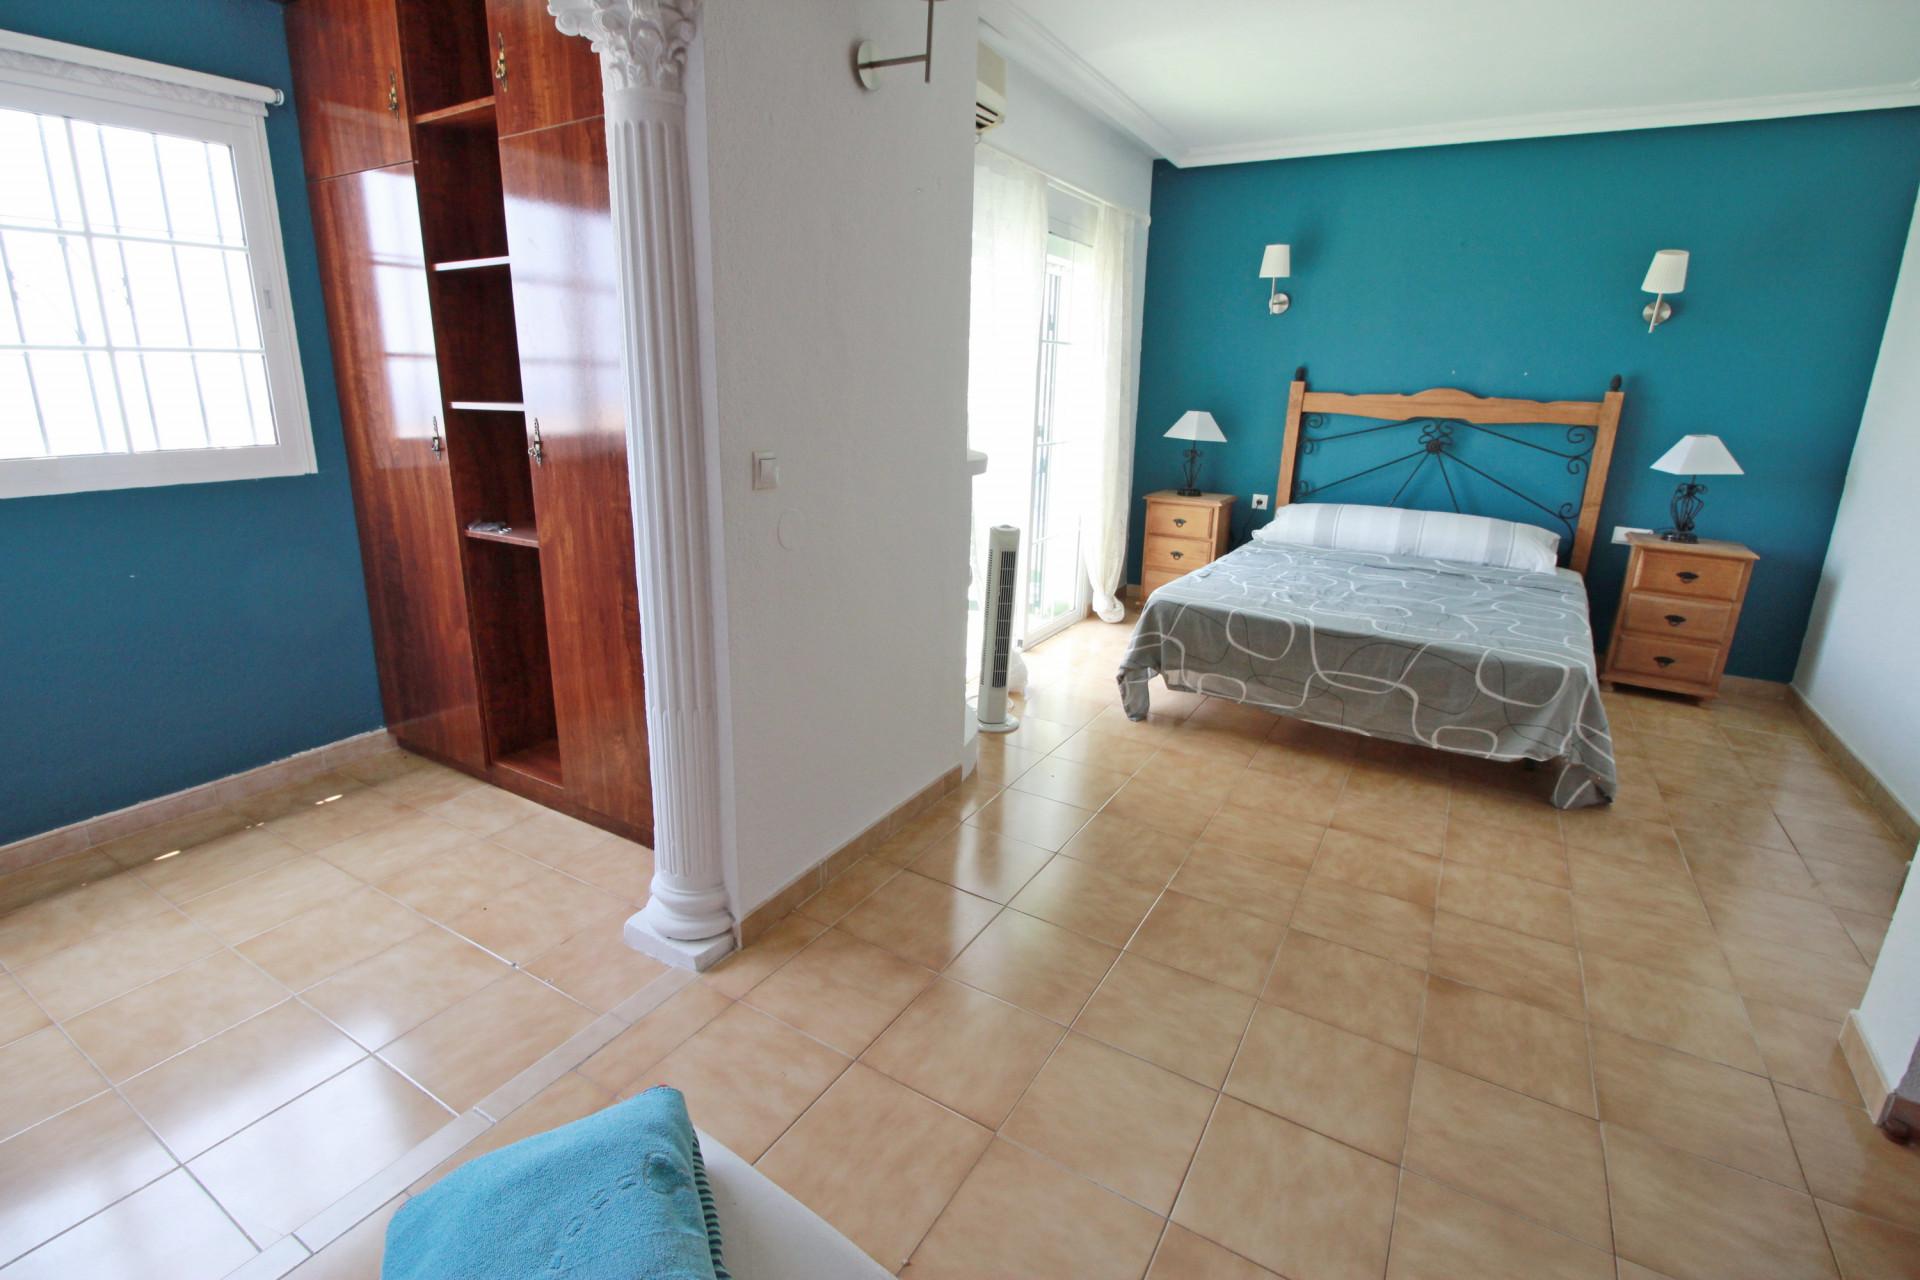 Adosado en venta en Arroyo de la Miel, Benalmadena